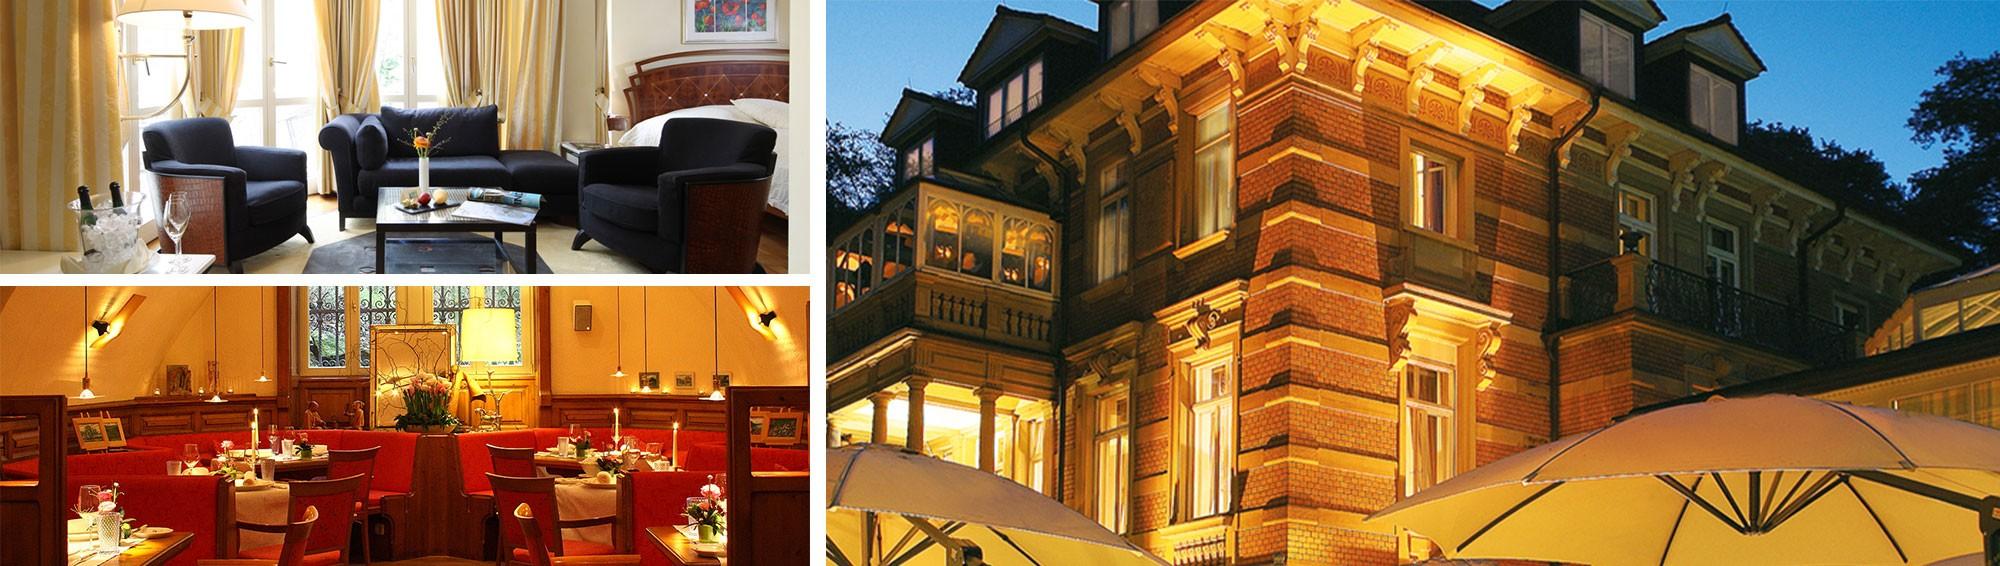 Relais & Châteaux Villa Hammerschmiede Hotel & Restaurant